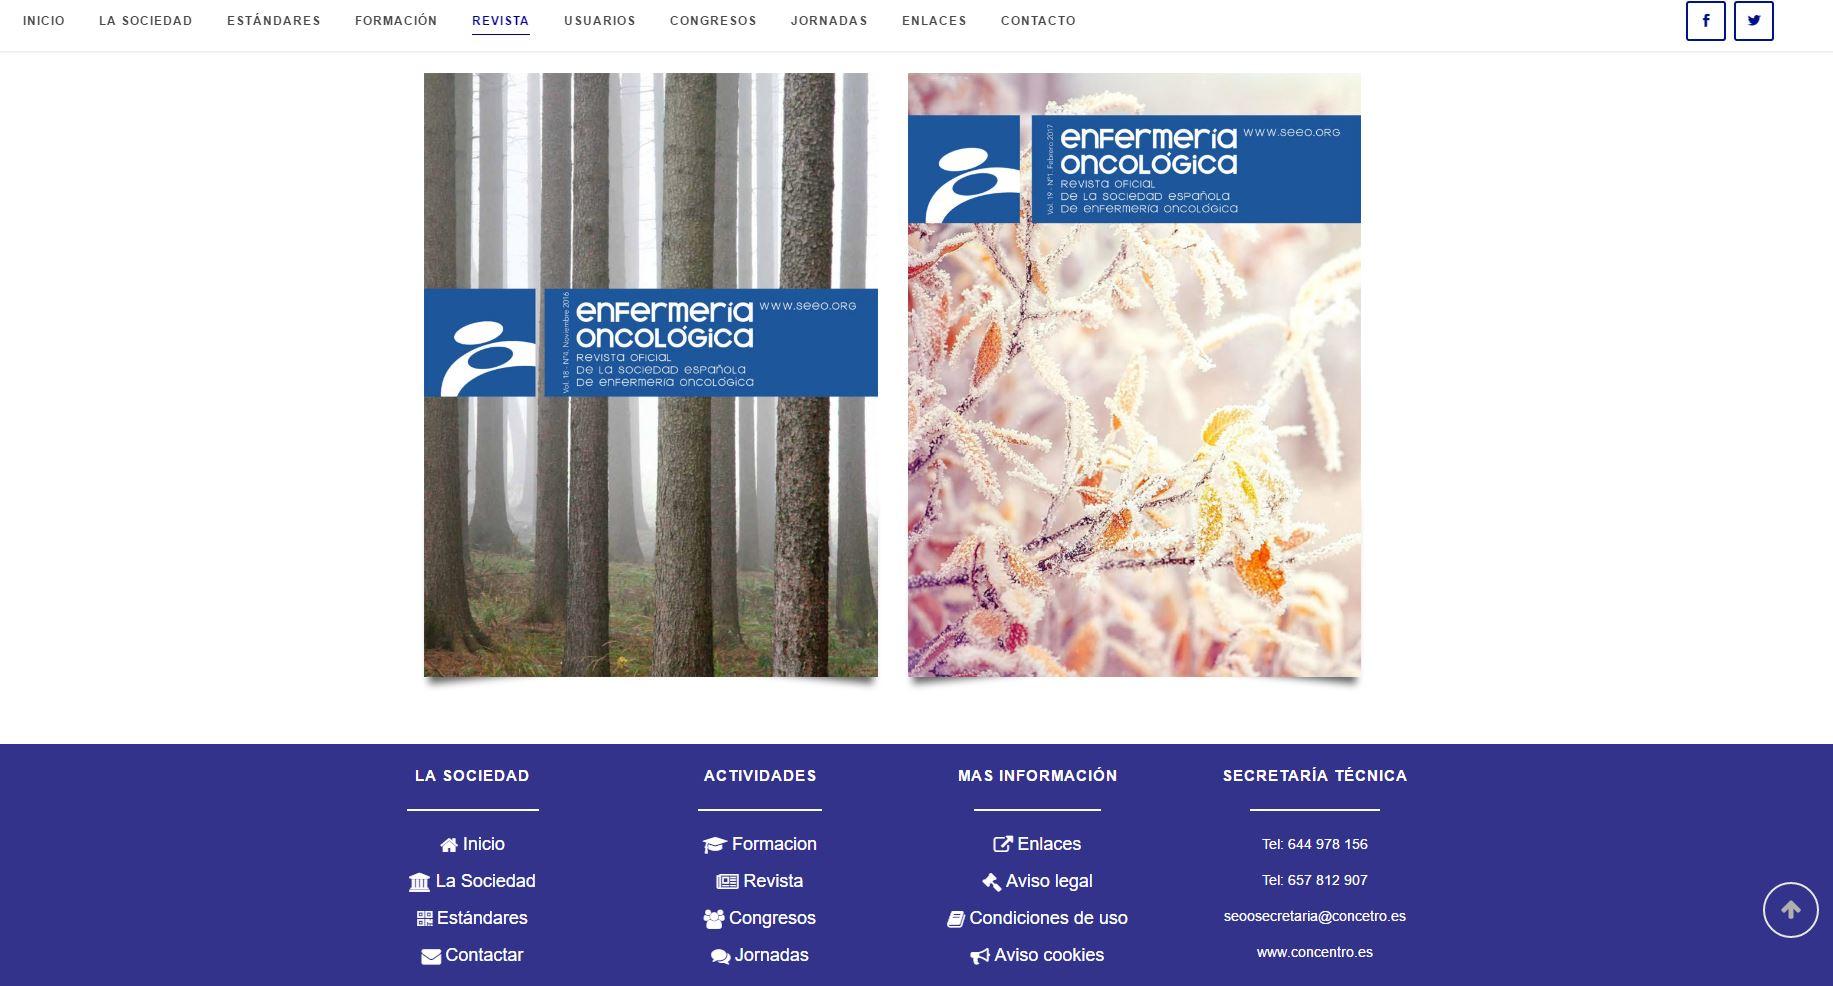 Sociedad Española Enfermería Oncológica